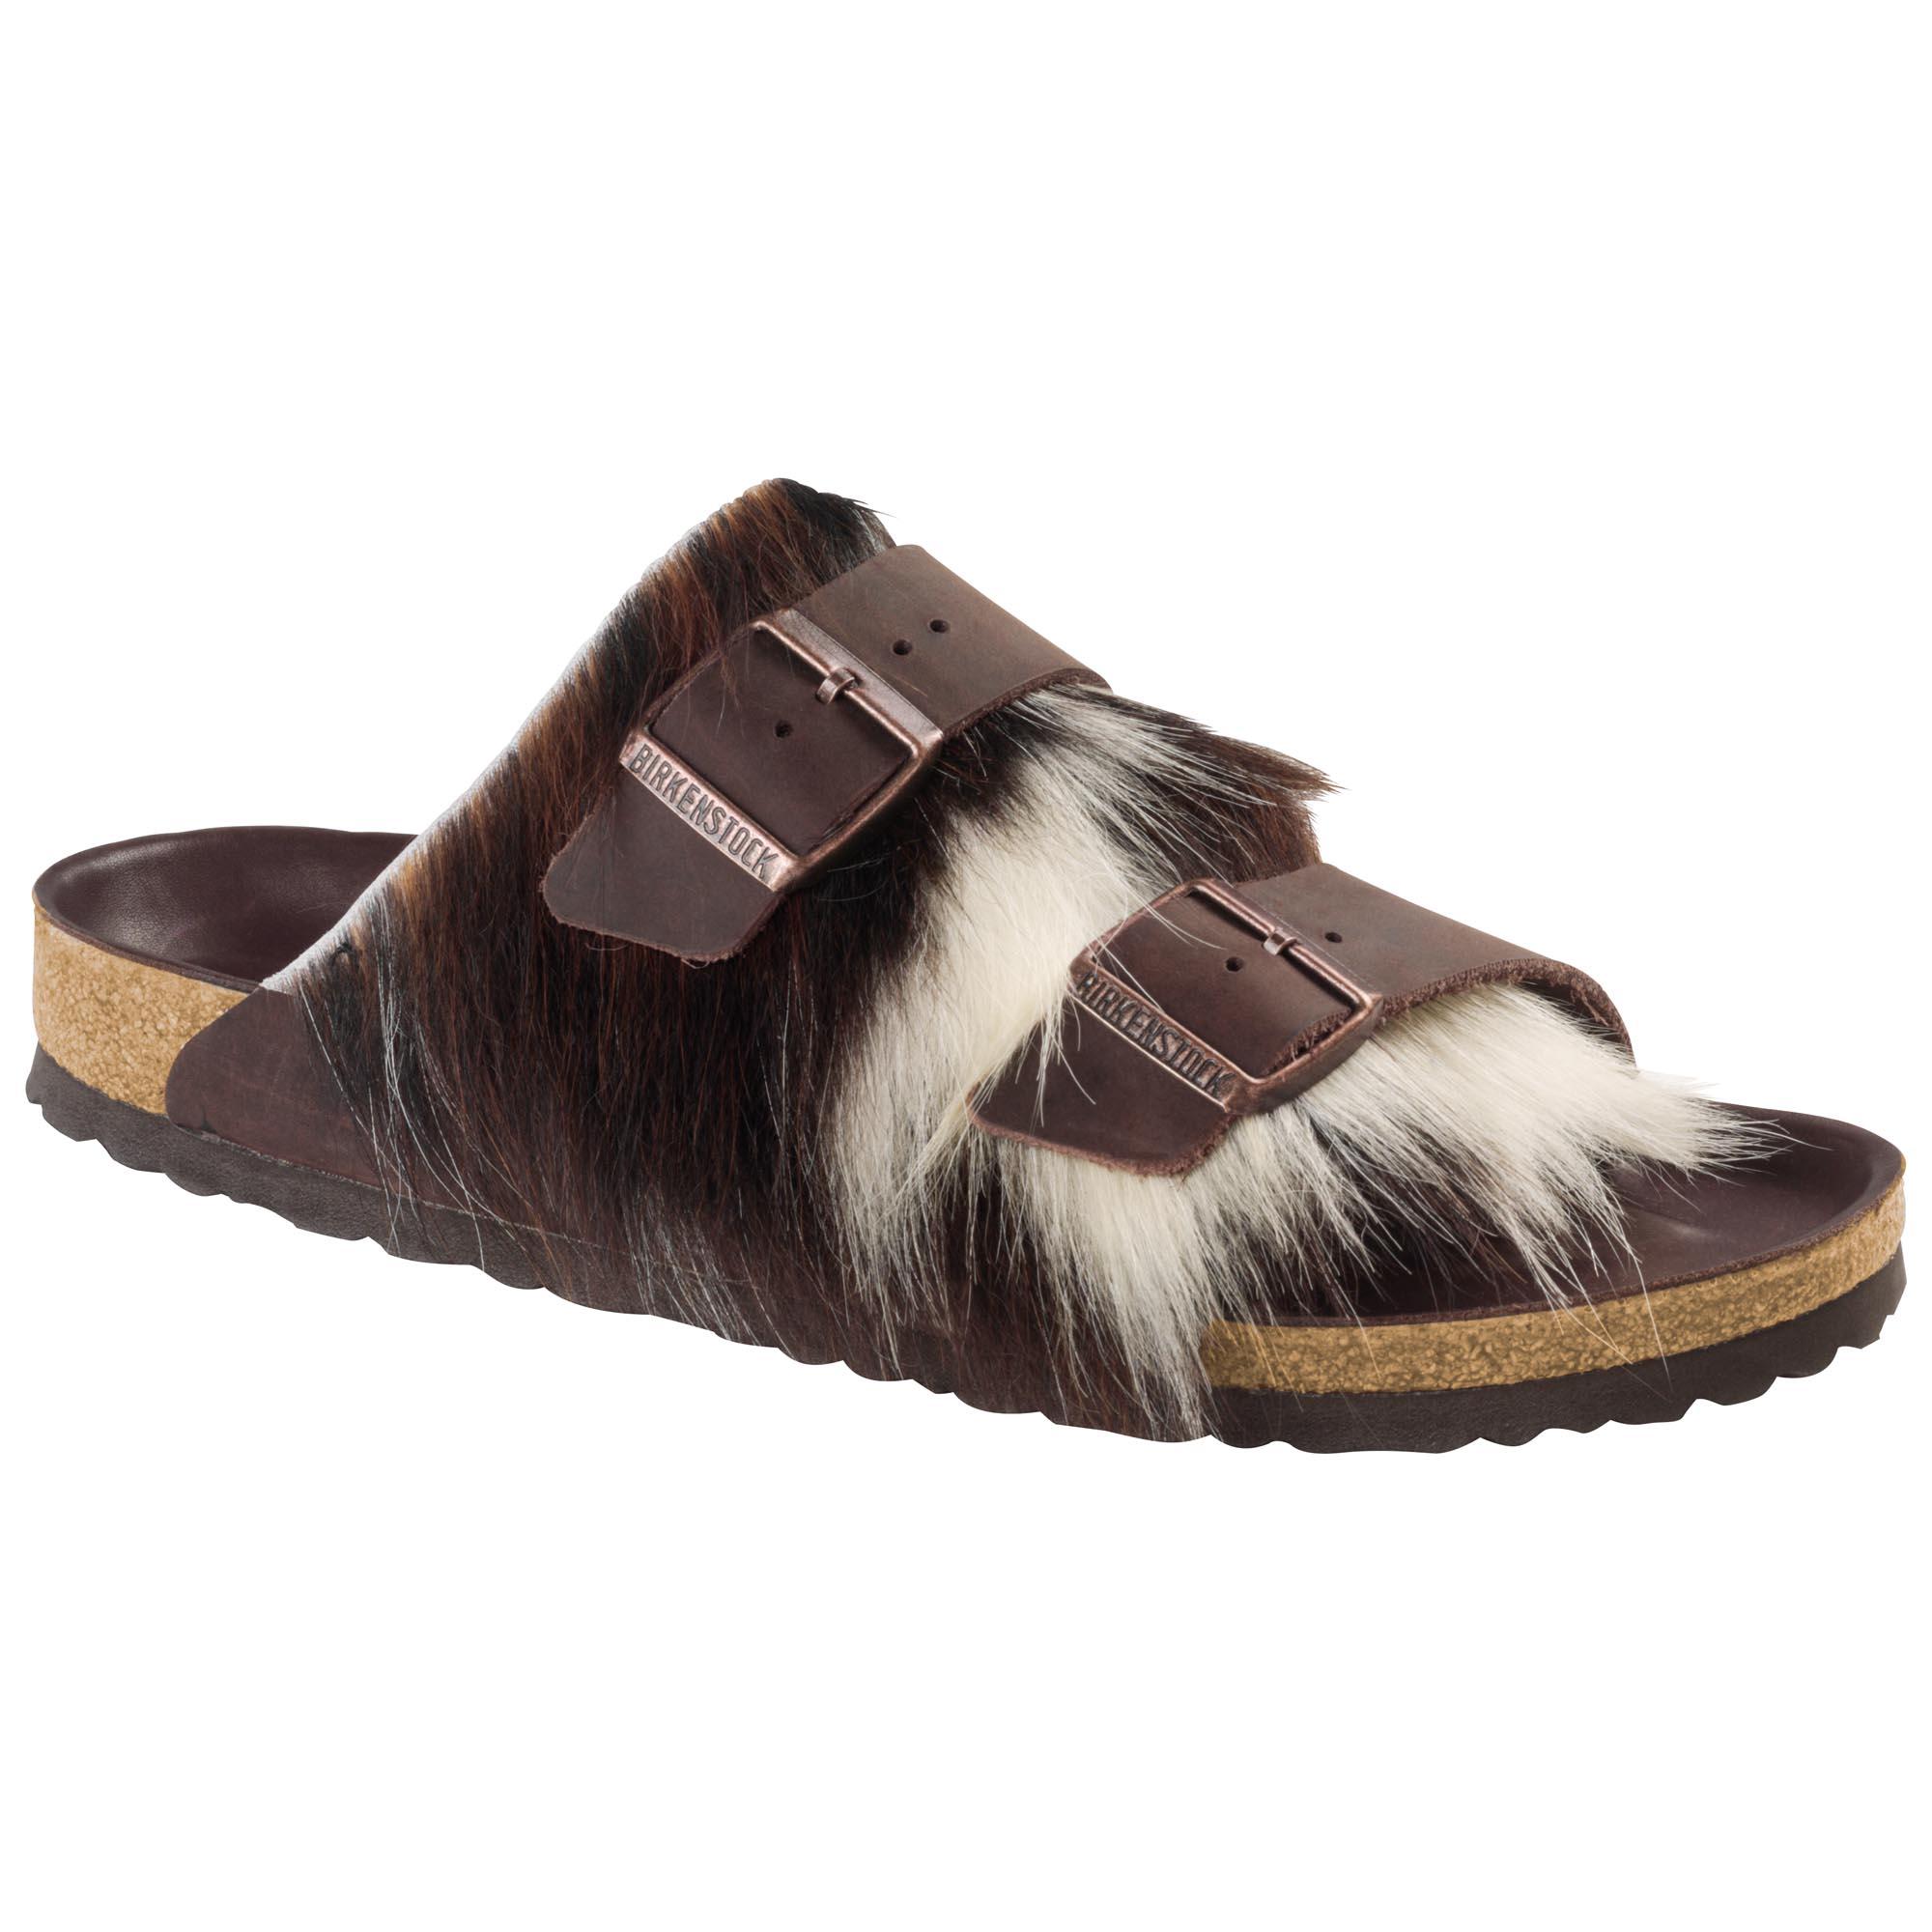 e4cd931f49dc Arizona Natural Leather Fur Brown Tricolor